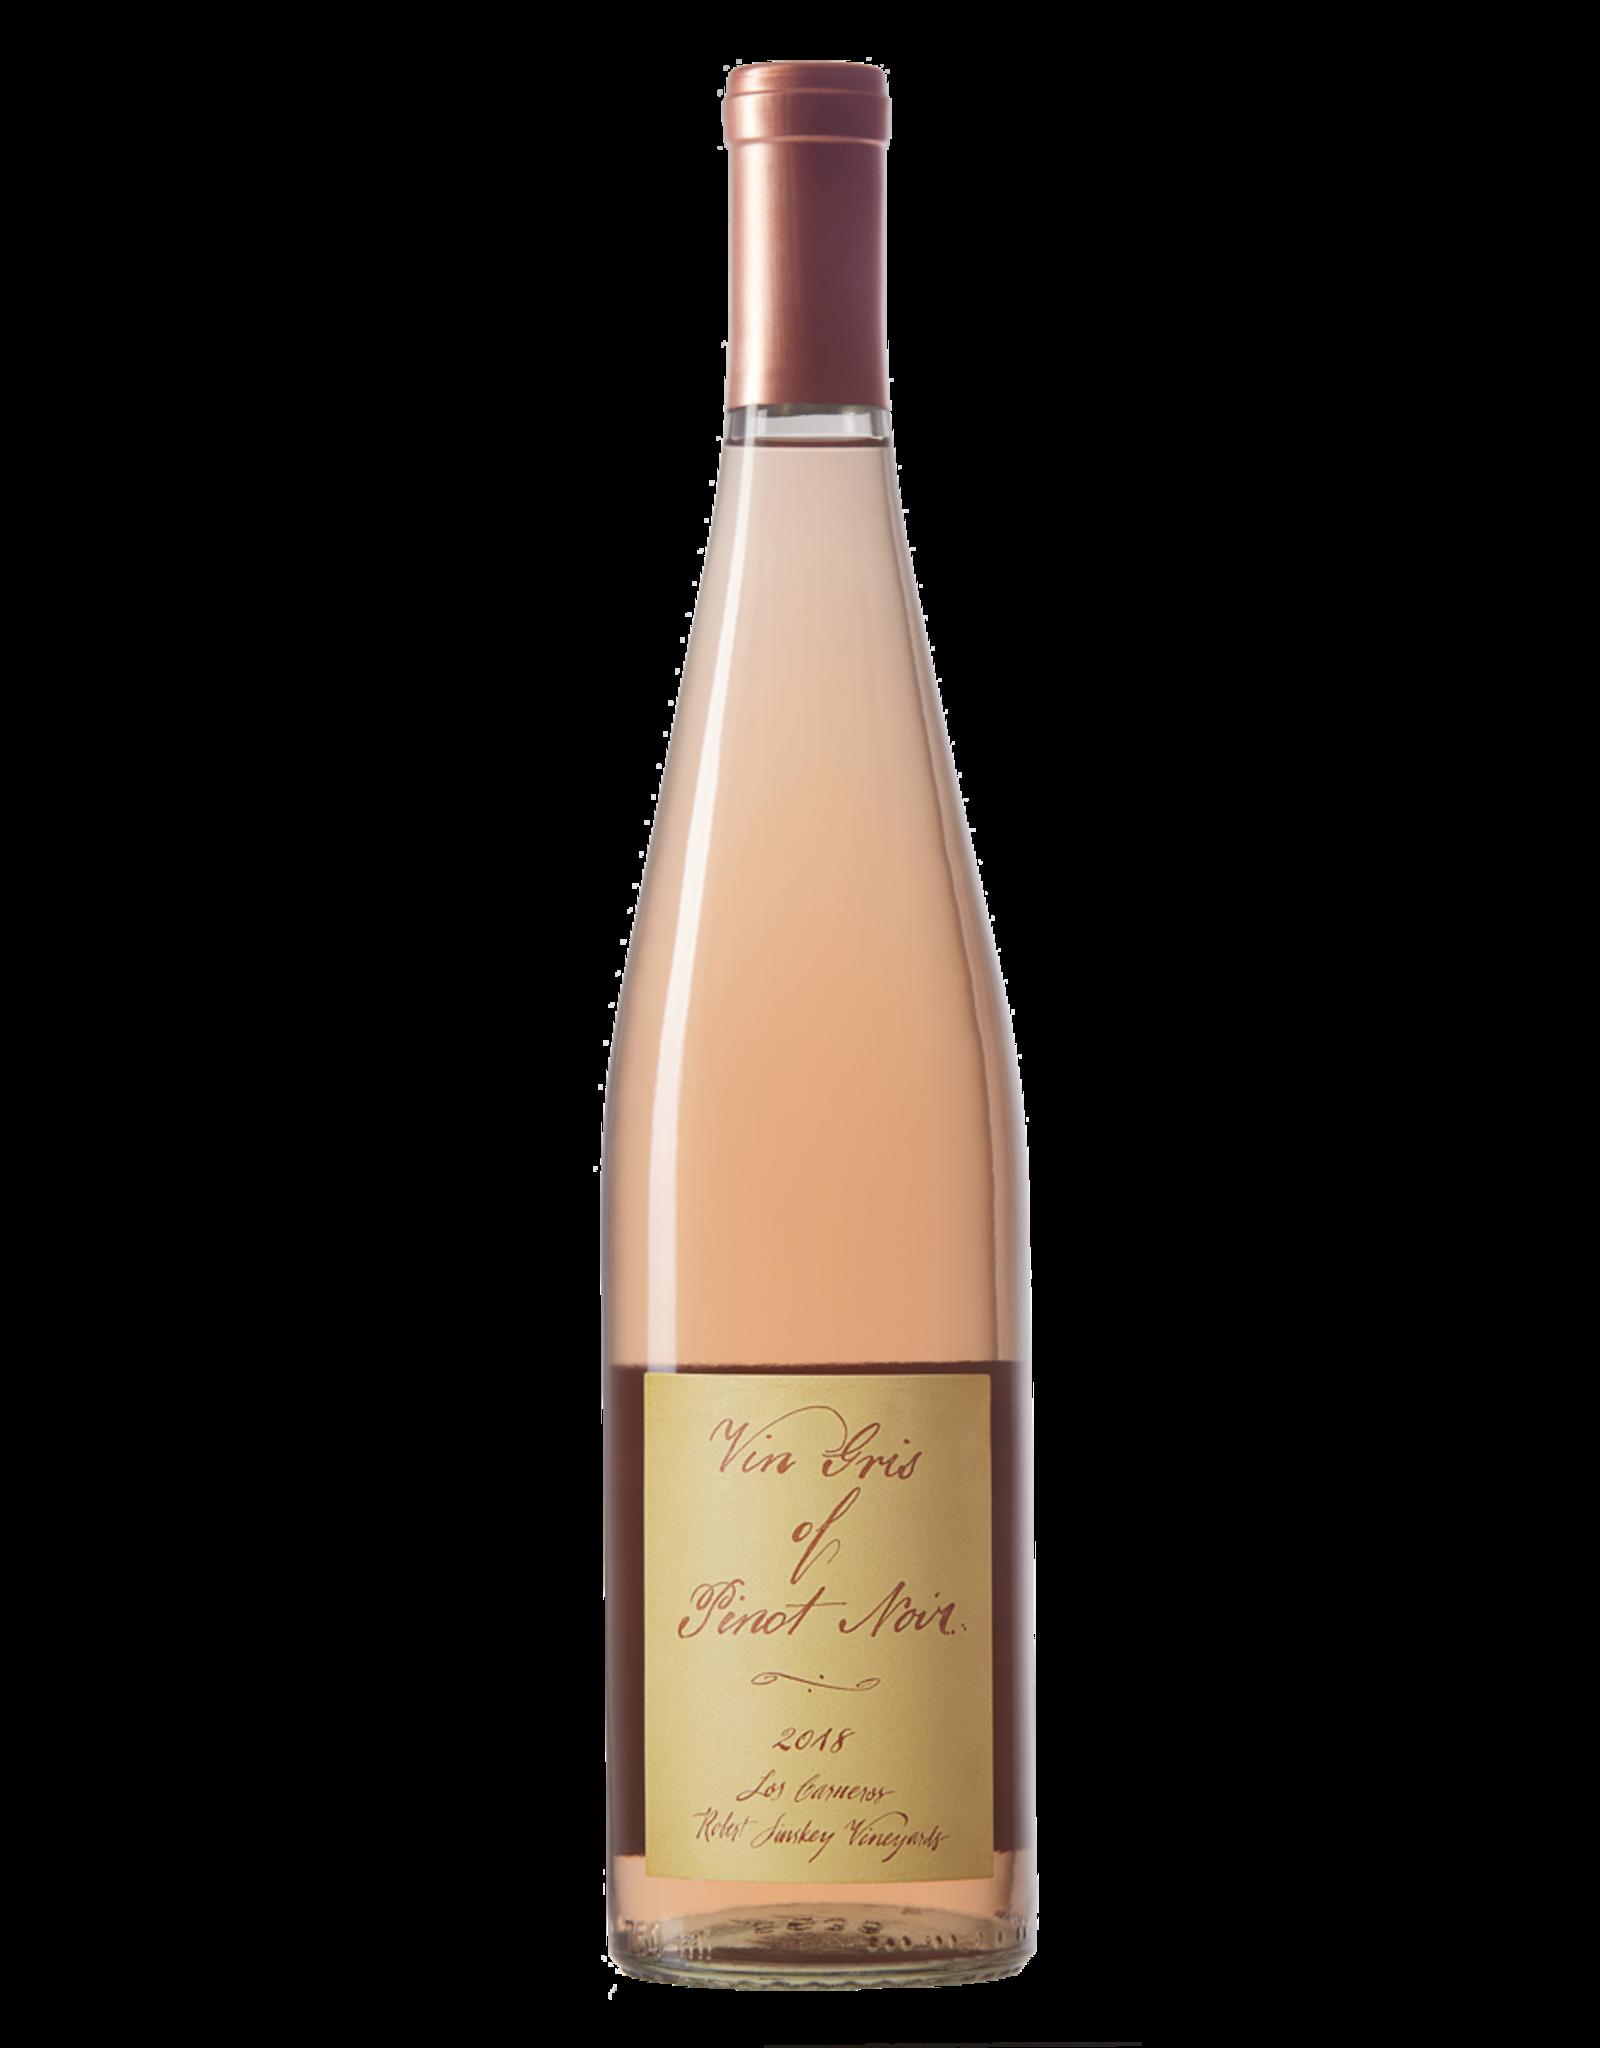 Robert Sinskey Vin Gris of Pinot Noir